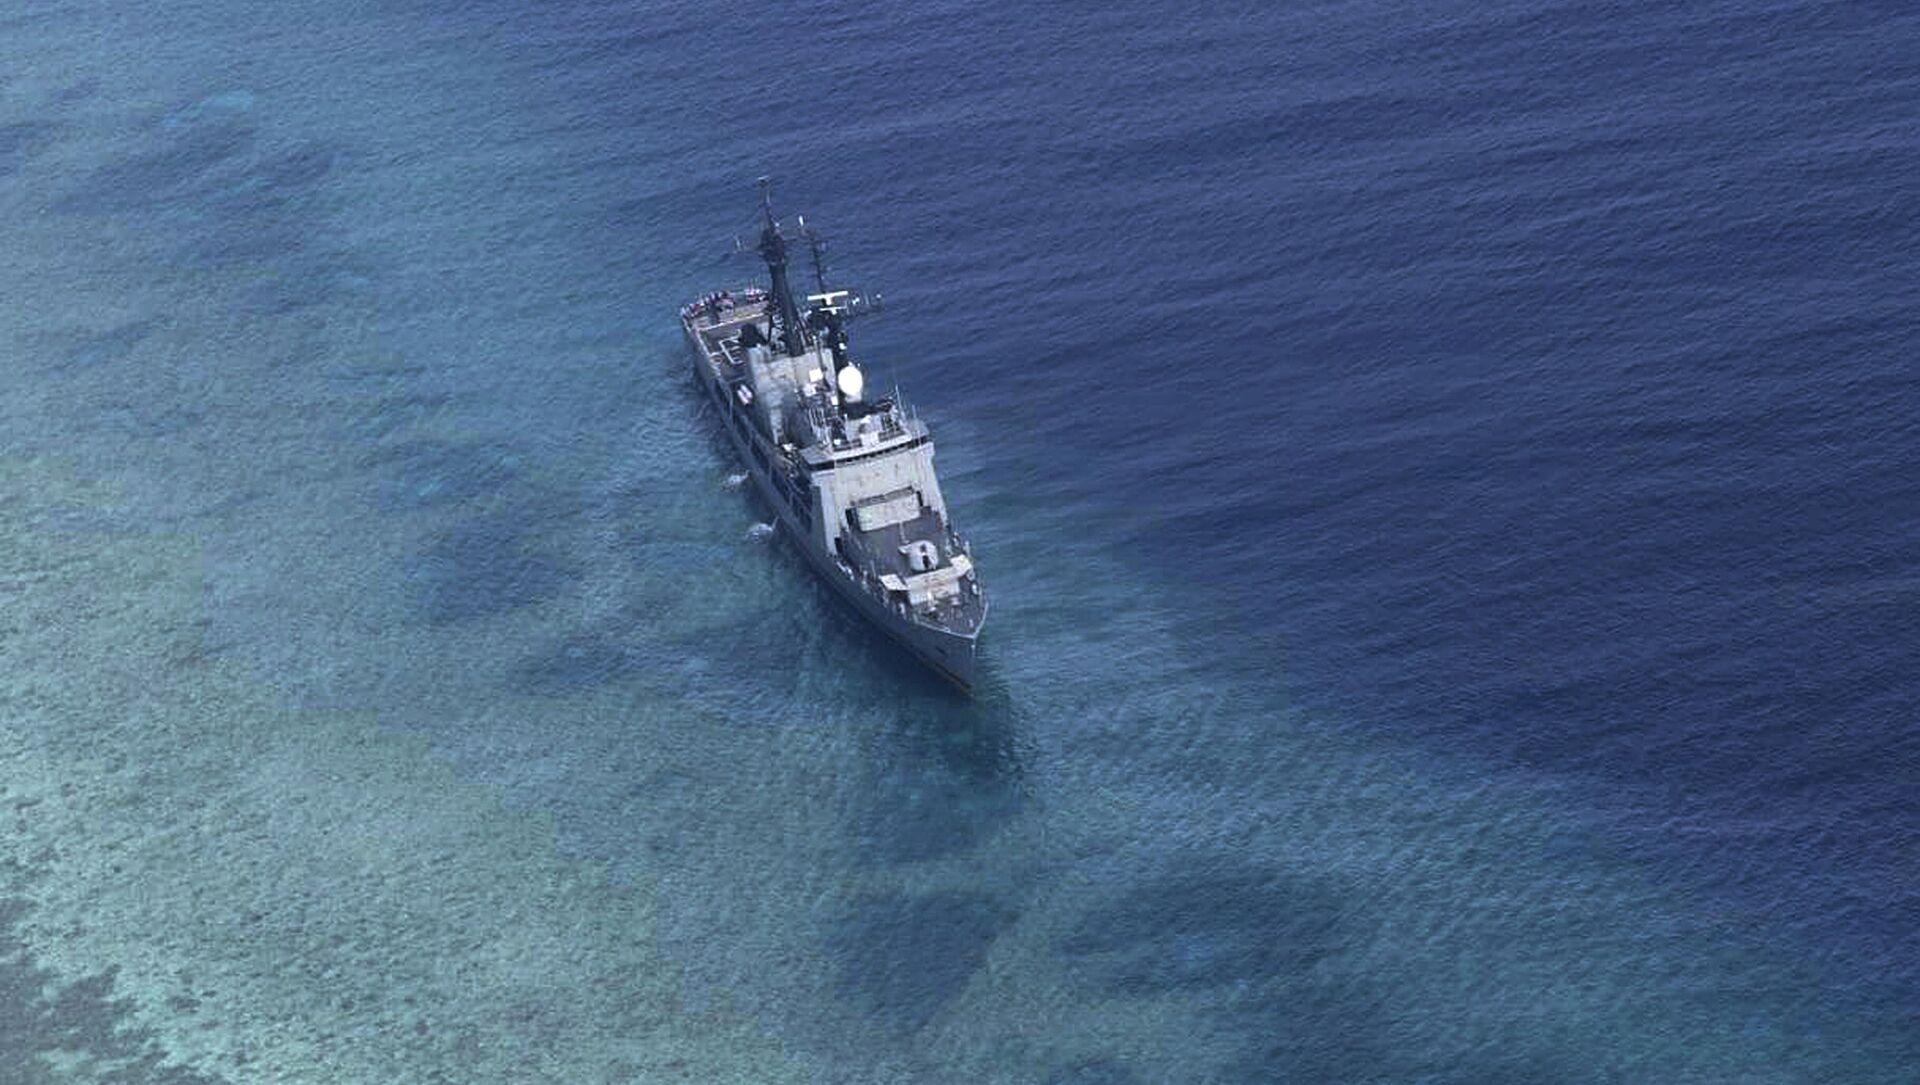 Tàu Hải quân Philippines BRP Gregorio del Pilar trên Biển Đông. - Sputnik Việt Nam, 1920, 05.05.2021